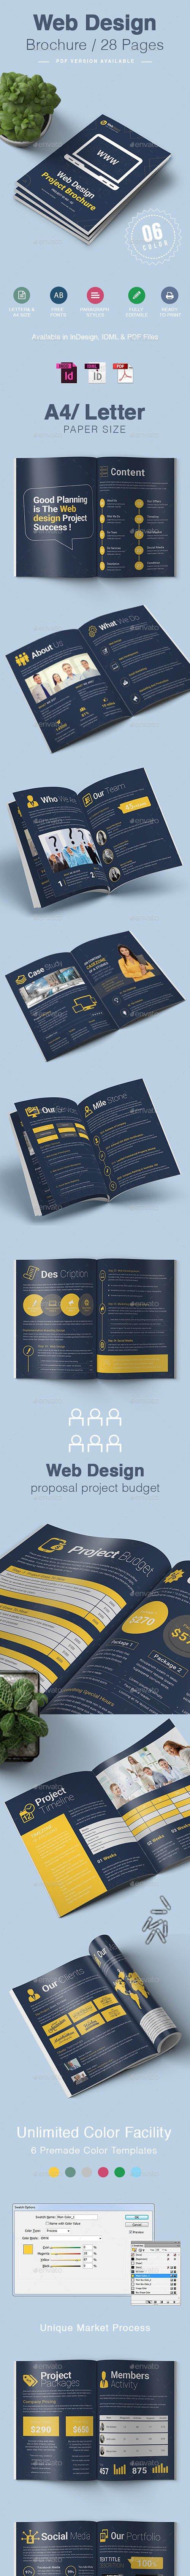 GraphicRiver - Web Design Brochure 26531500